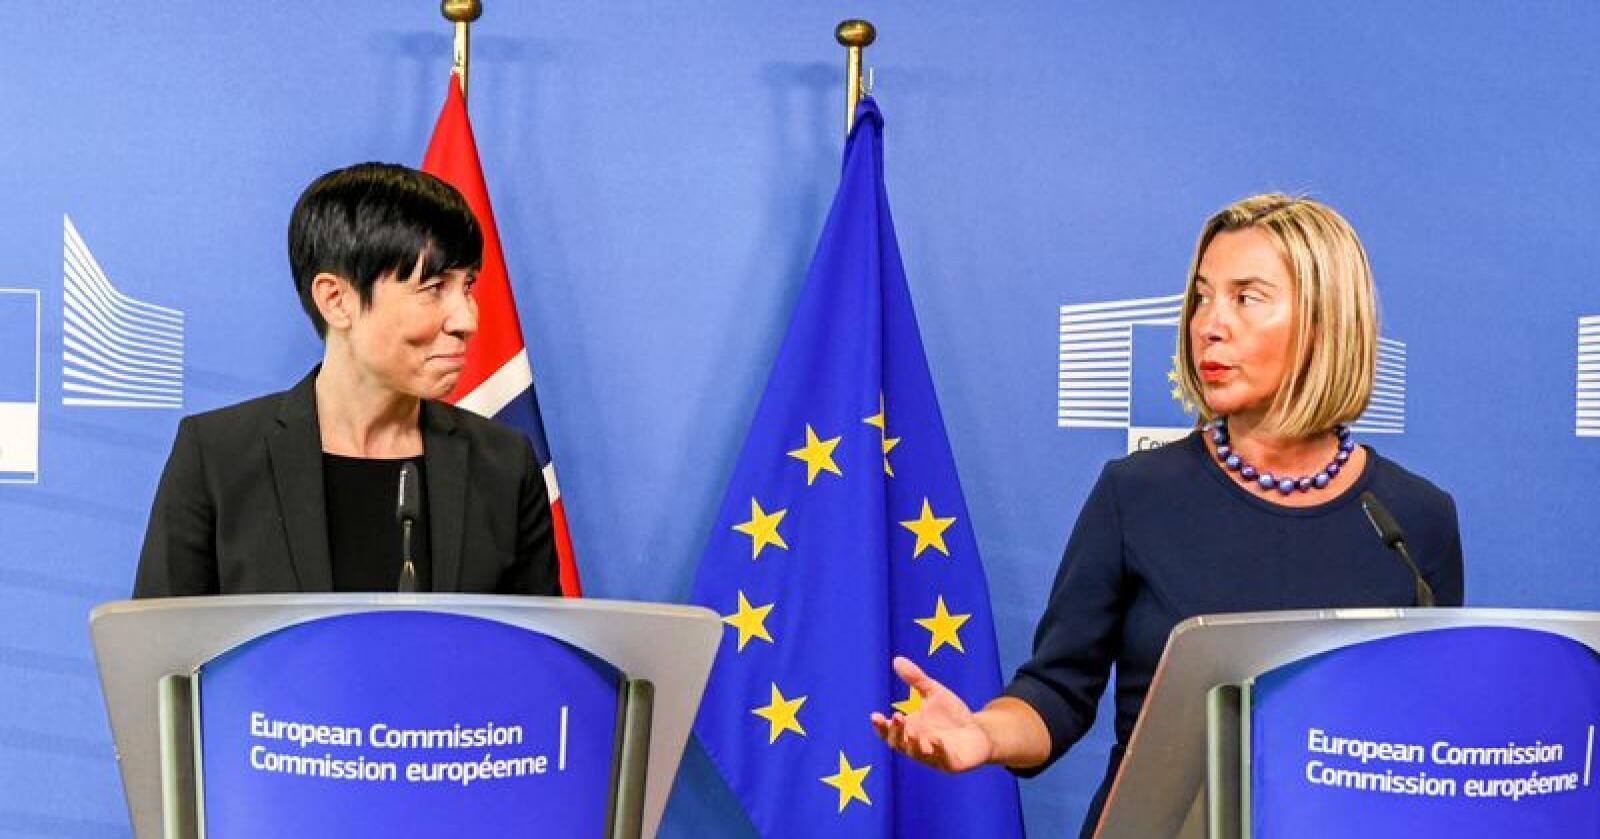 «Eia var vi der»: Utenriksminister Ine Eriksen Søreide under et besøk i Brussel i vår. Her sammen med EUs utenrikssjef Federica Mogherini. Foto: Johan Falnes / NTB scanpix